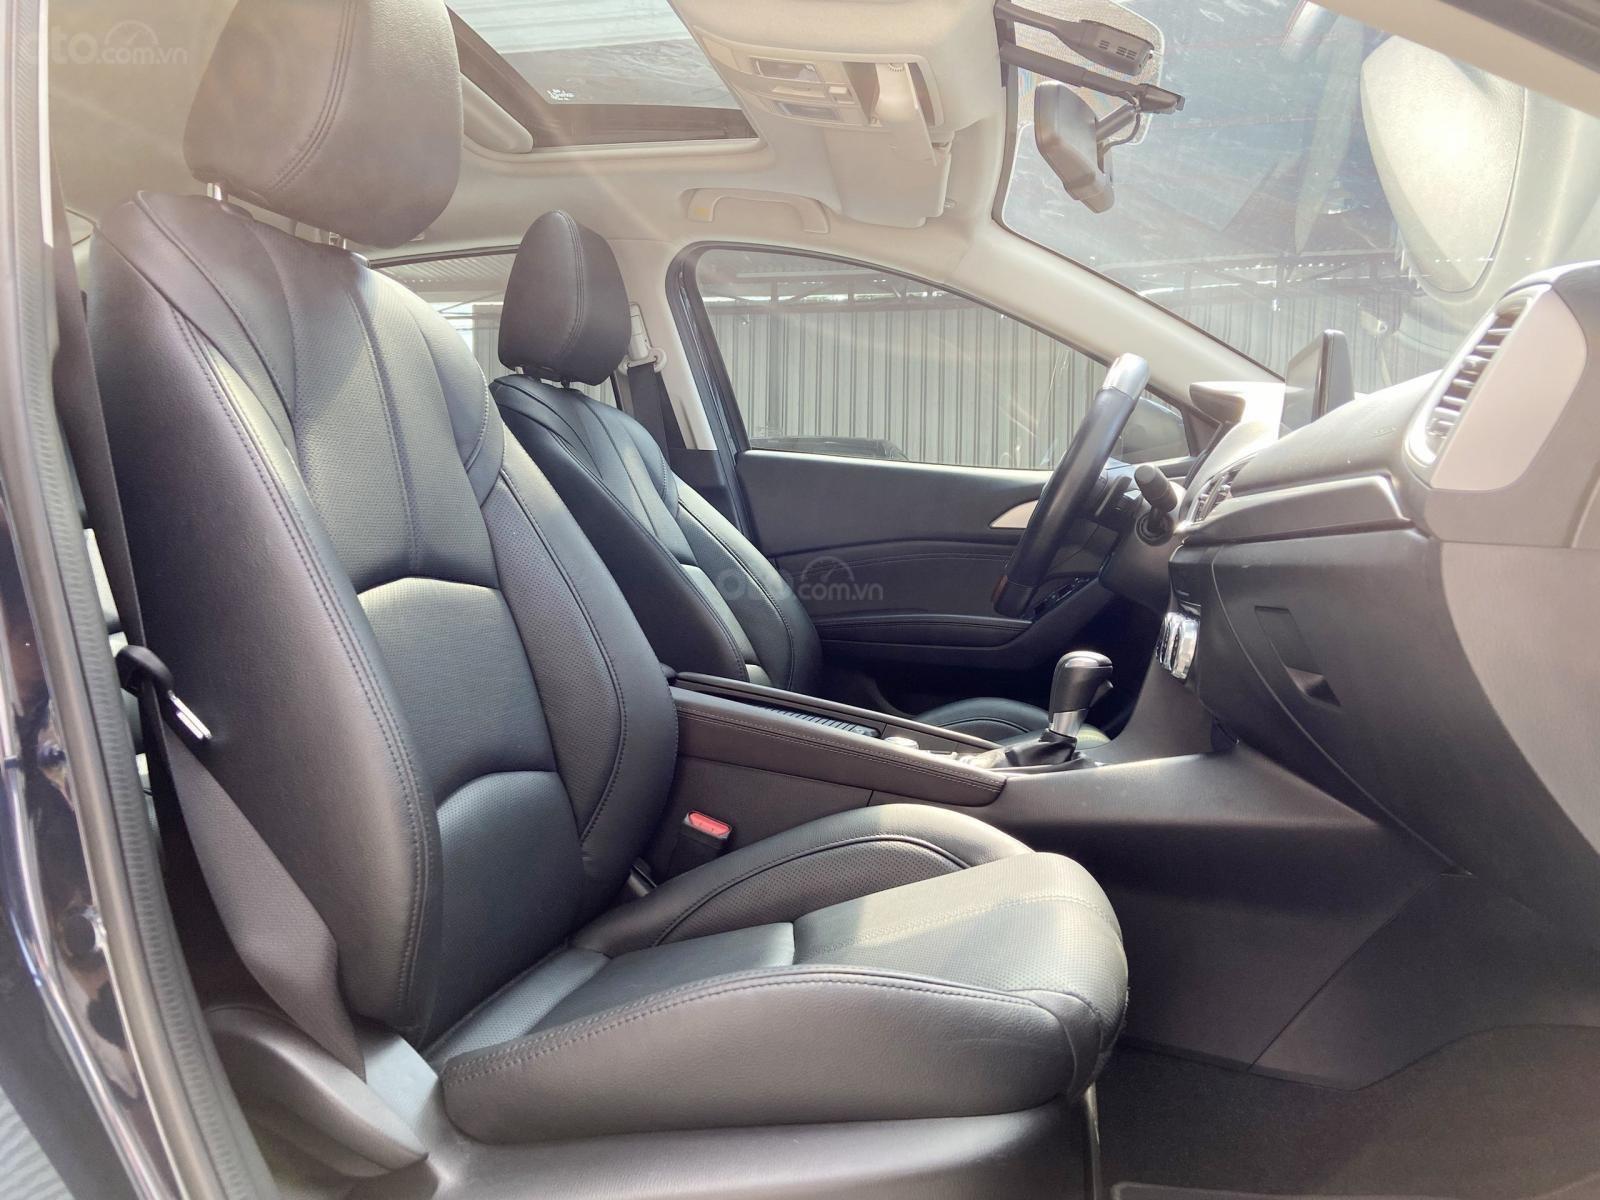 Bán Mazda 3 1.5AT 2019 có ghế điện, xe gia đình mới đi 7.000 km, zin nguyên bản 100%, như xe hãng (9)